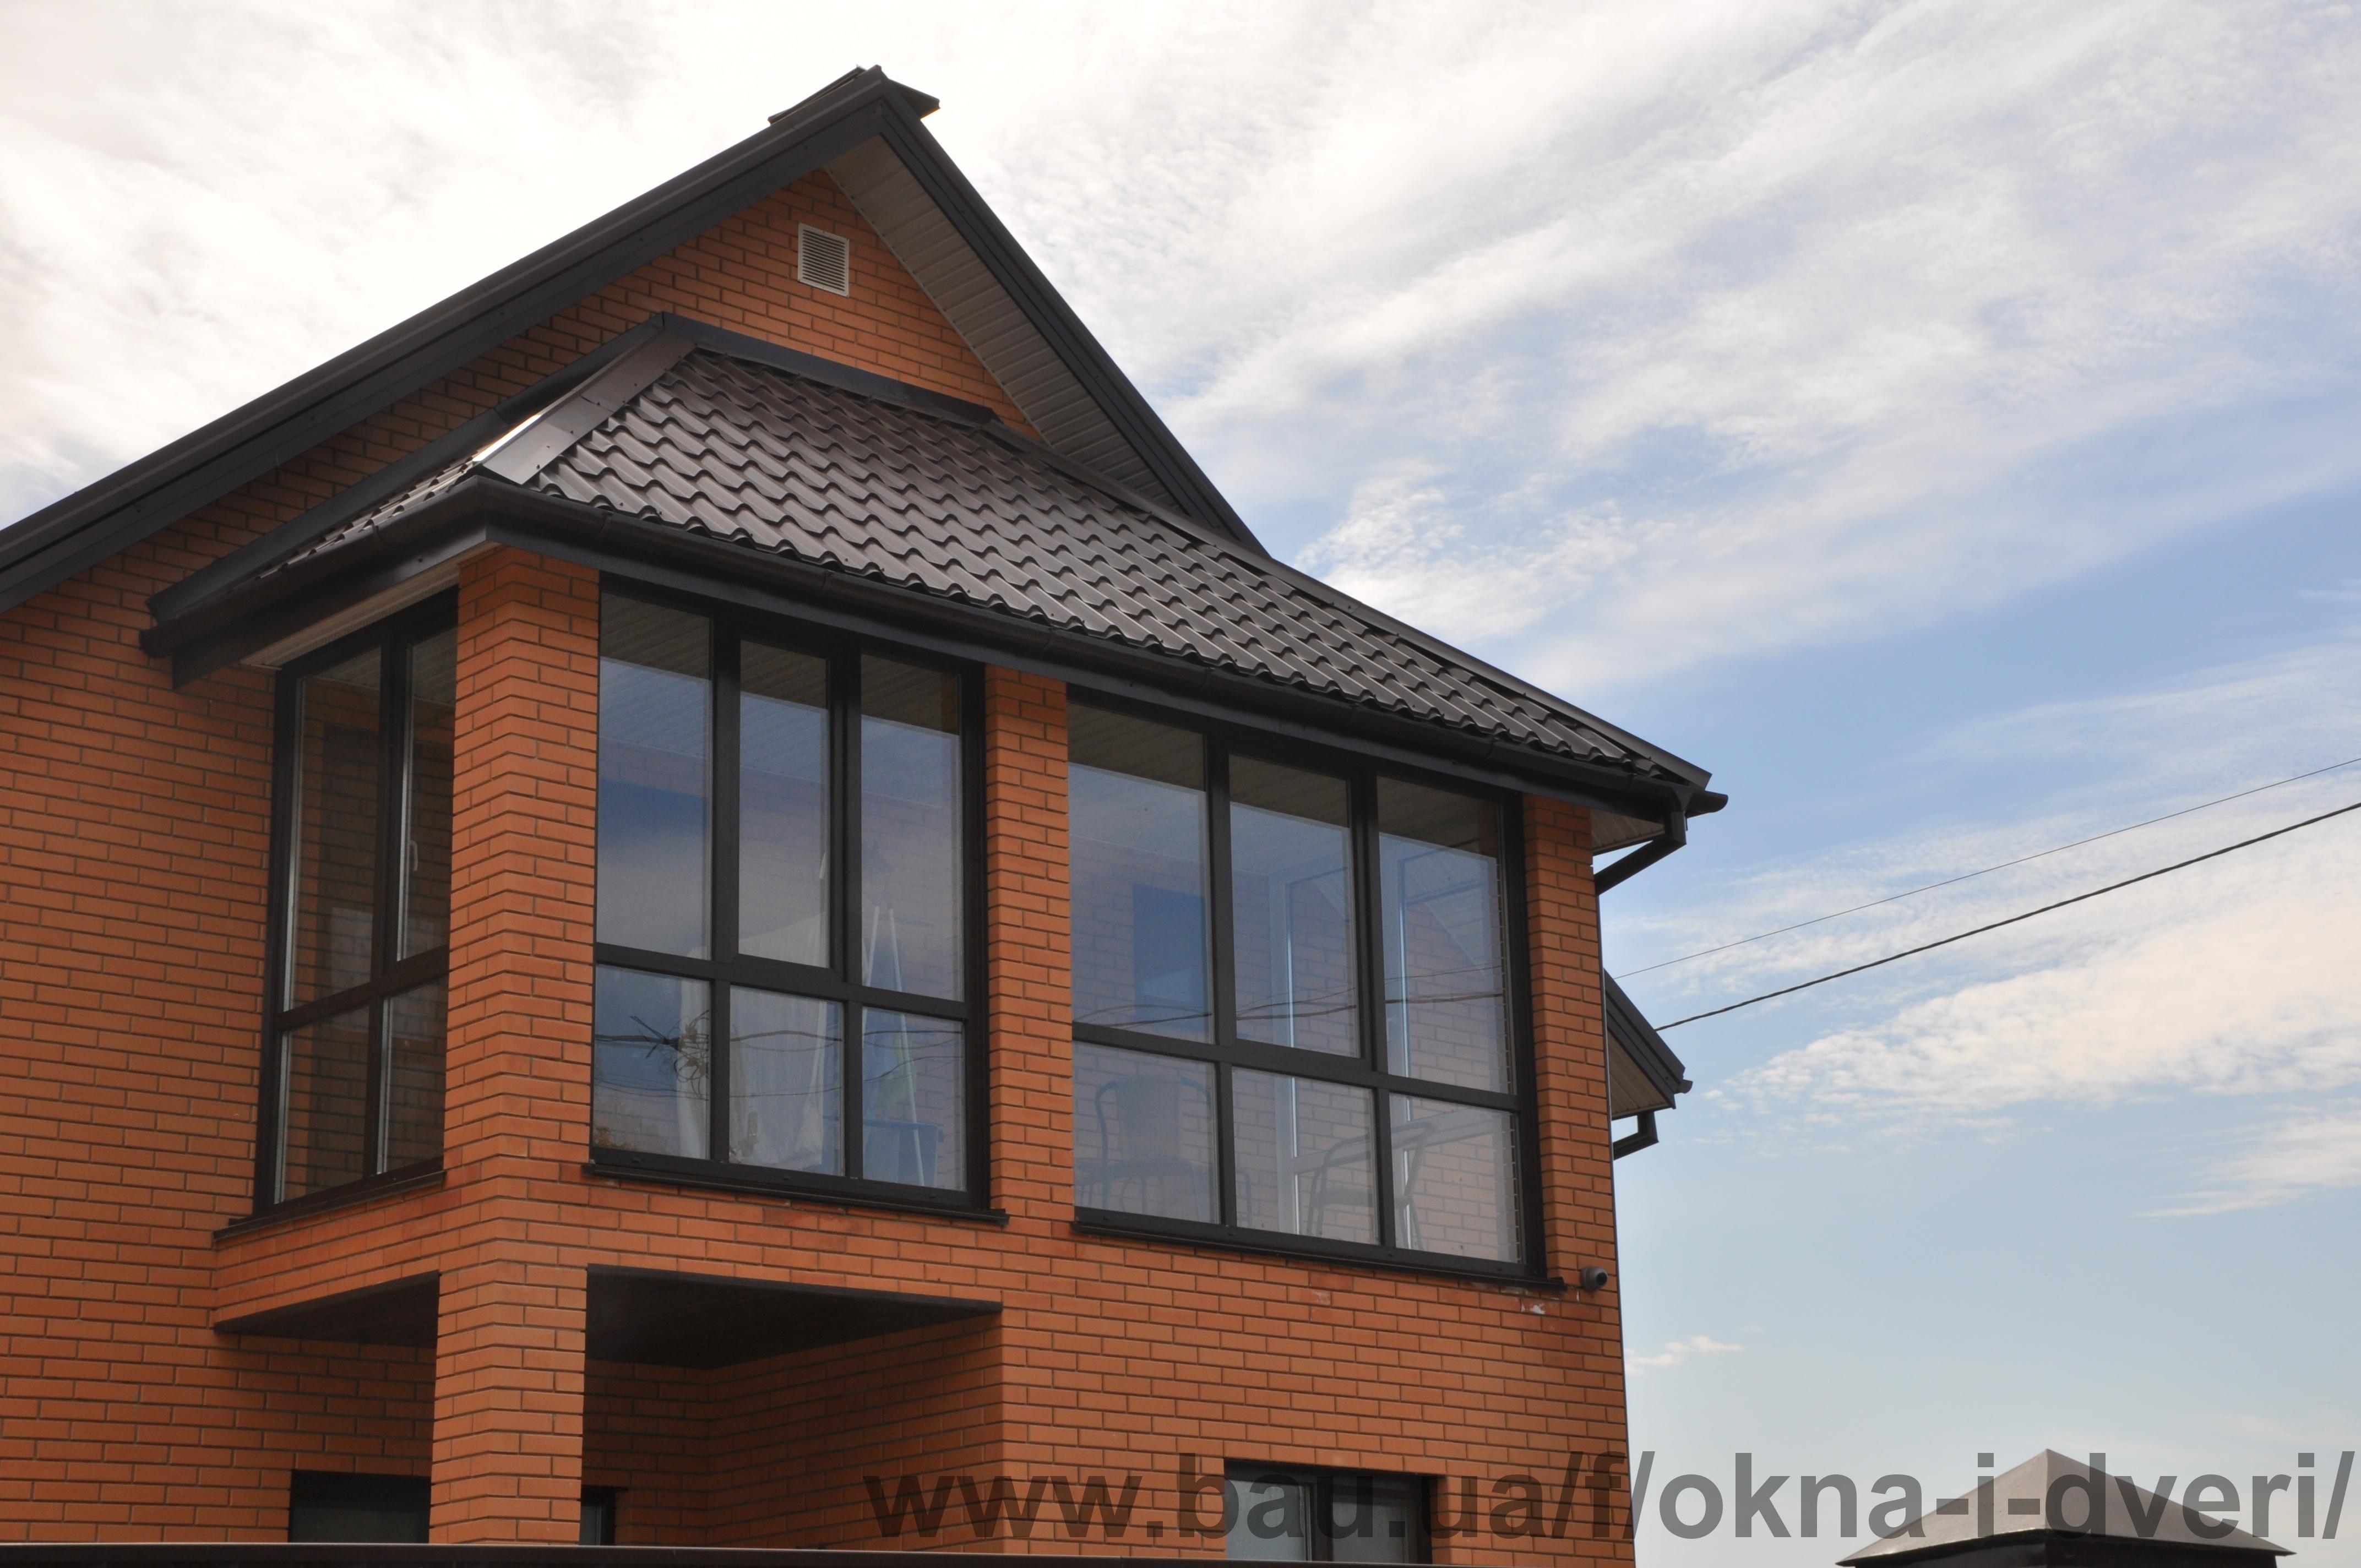 Окна & двери - окна & двери - остекление балкона в загородно.